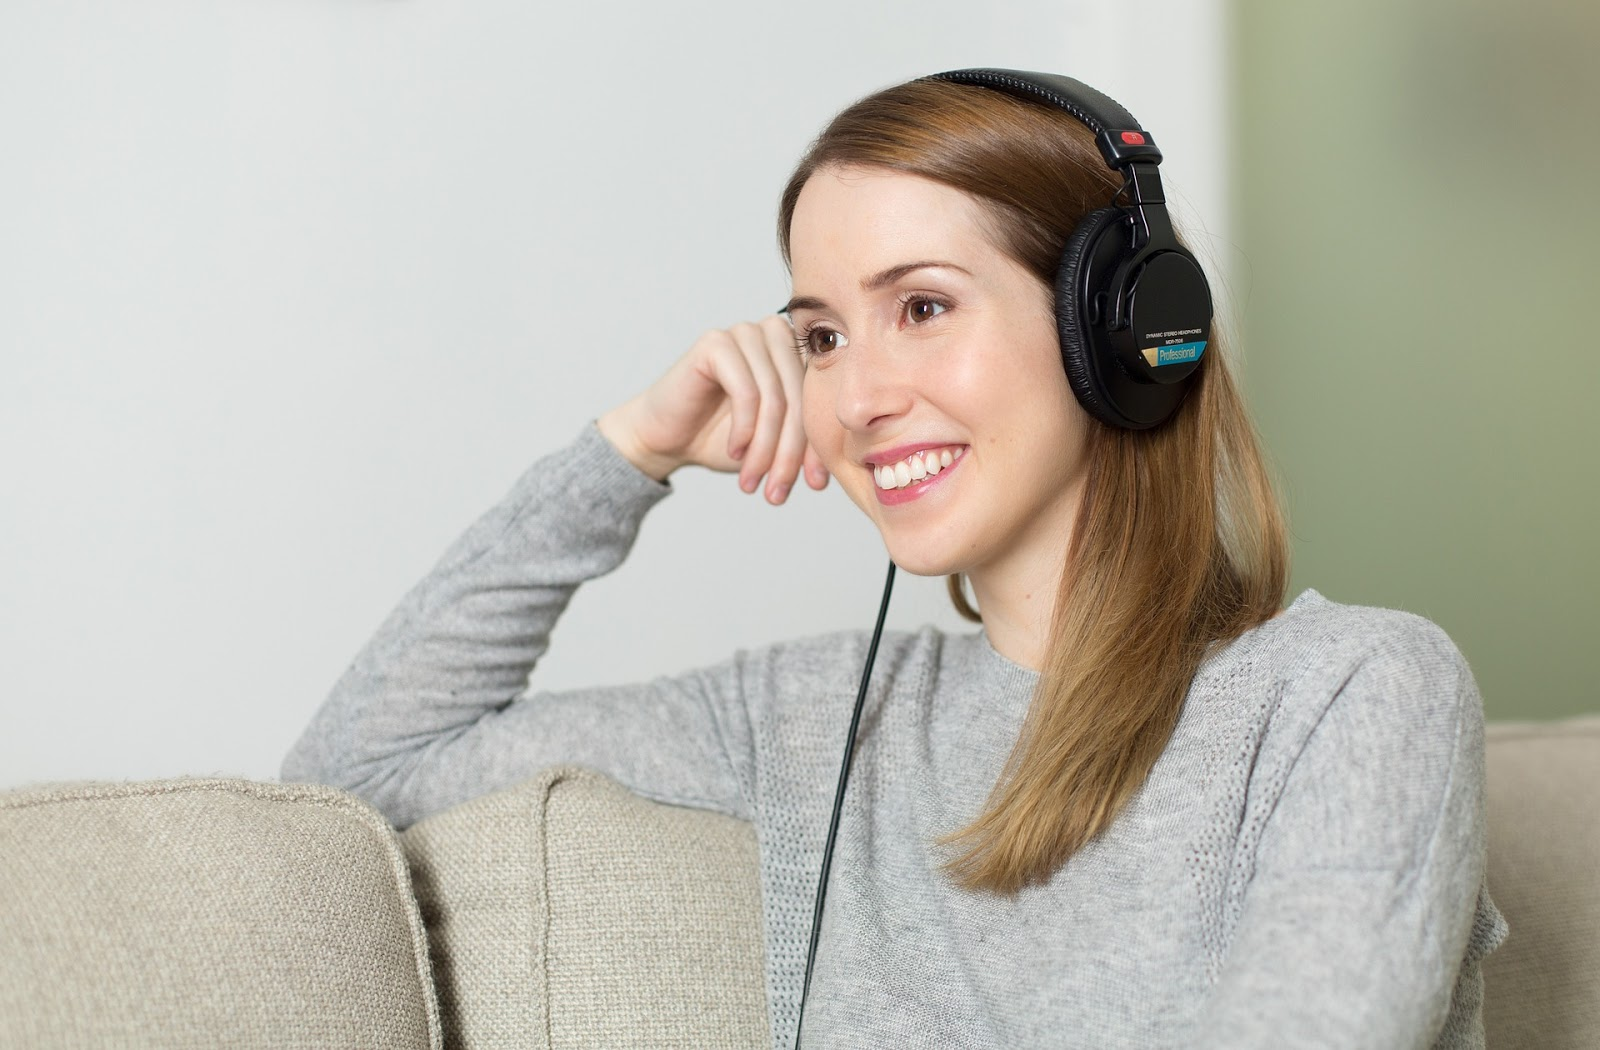 LanguageLine: una mujer se sienta en su sofá y escucha los auriculares